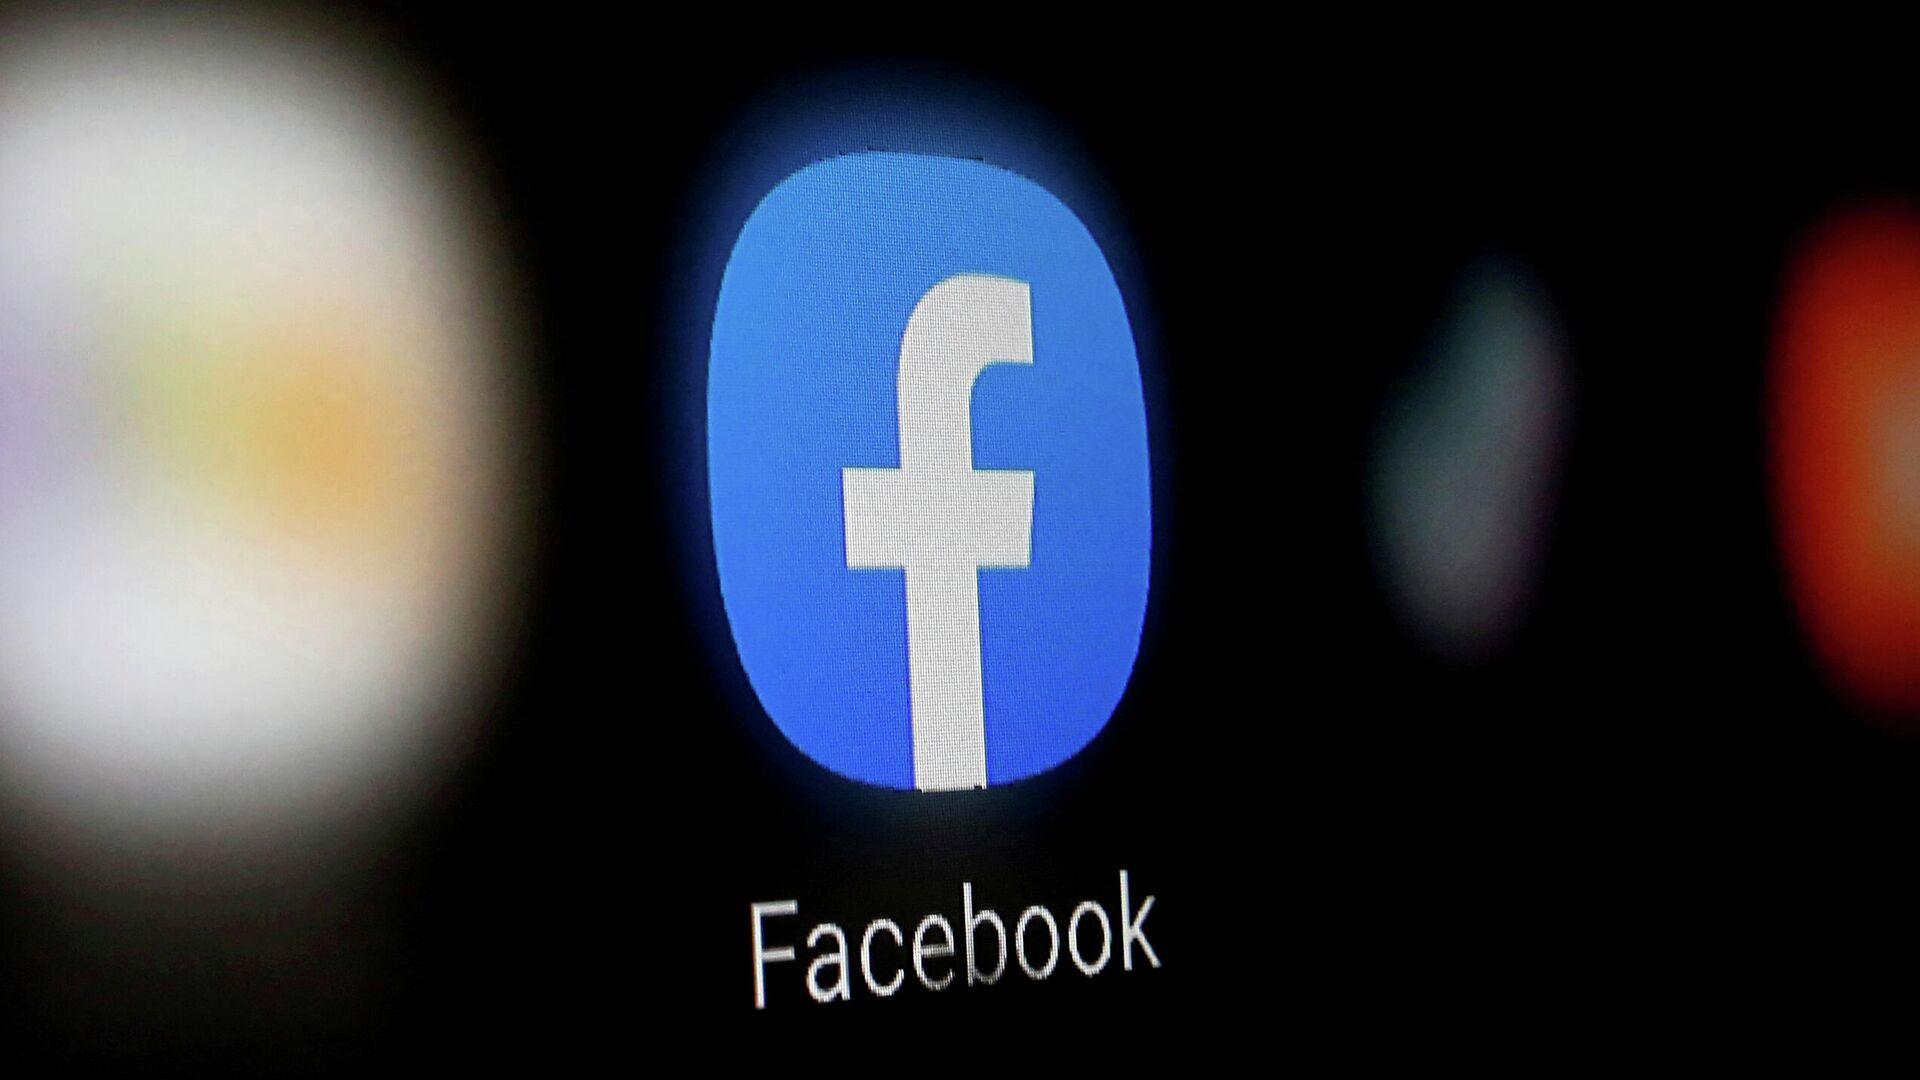 Logo von Facebook-App - SNA, 1920, 28.02.2021